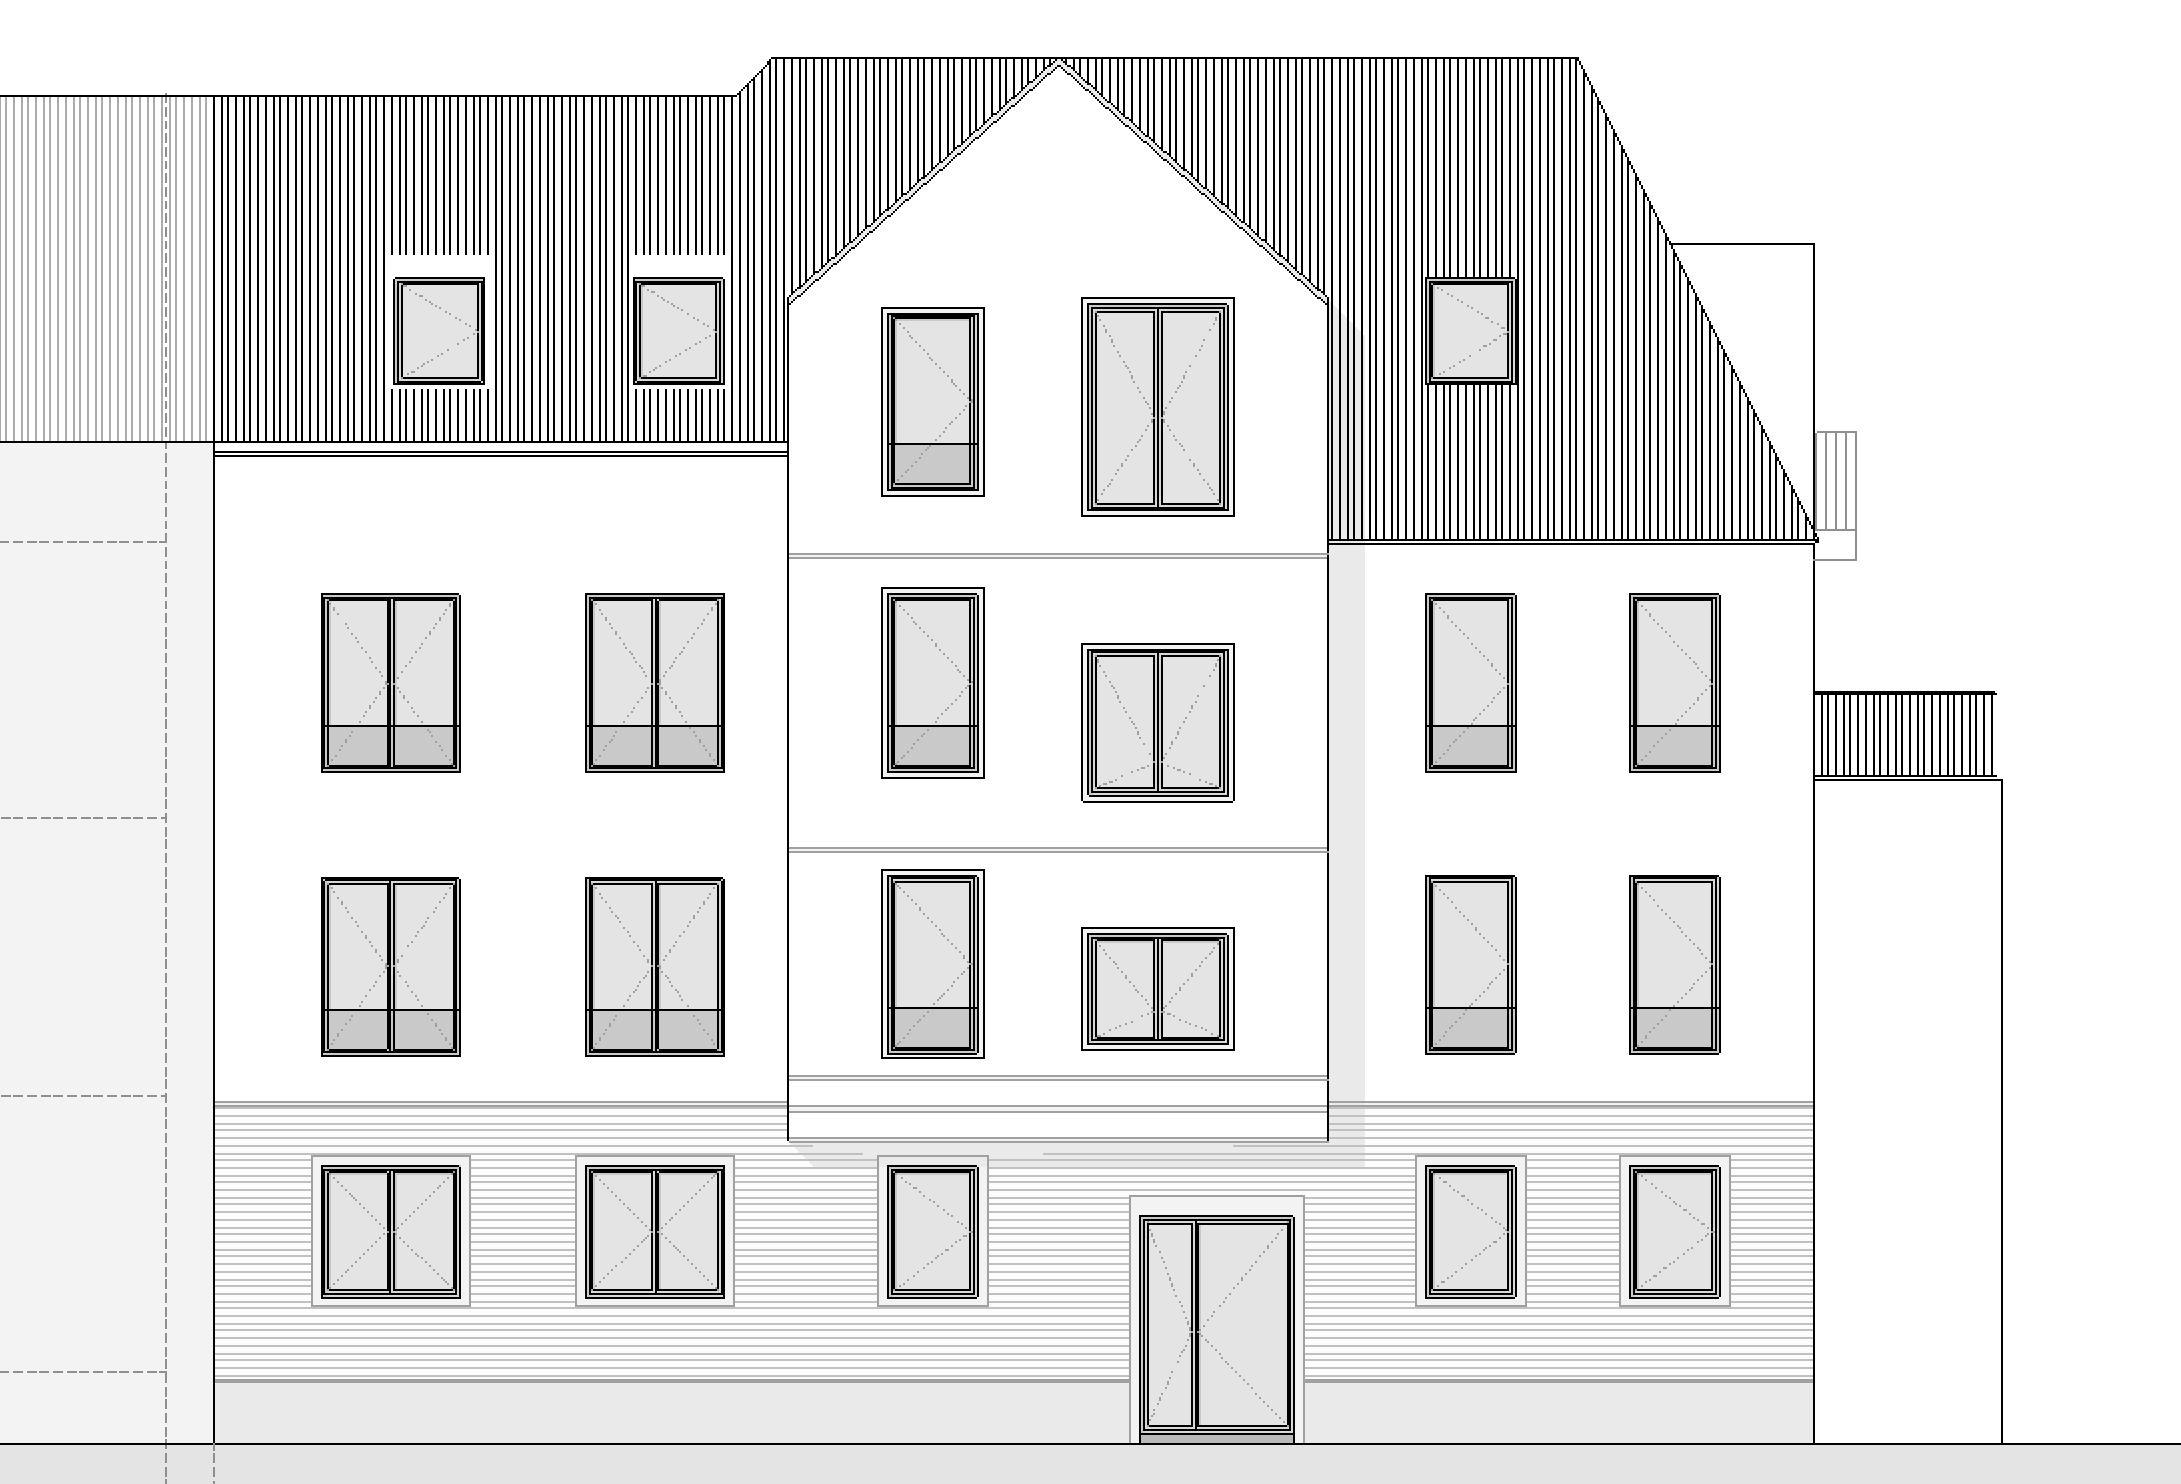 Projekt 1804 Ost | Architektur Osnabrück